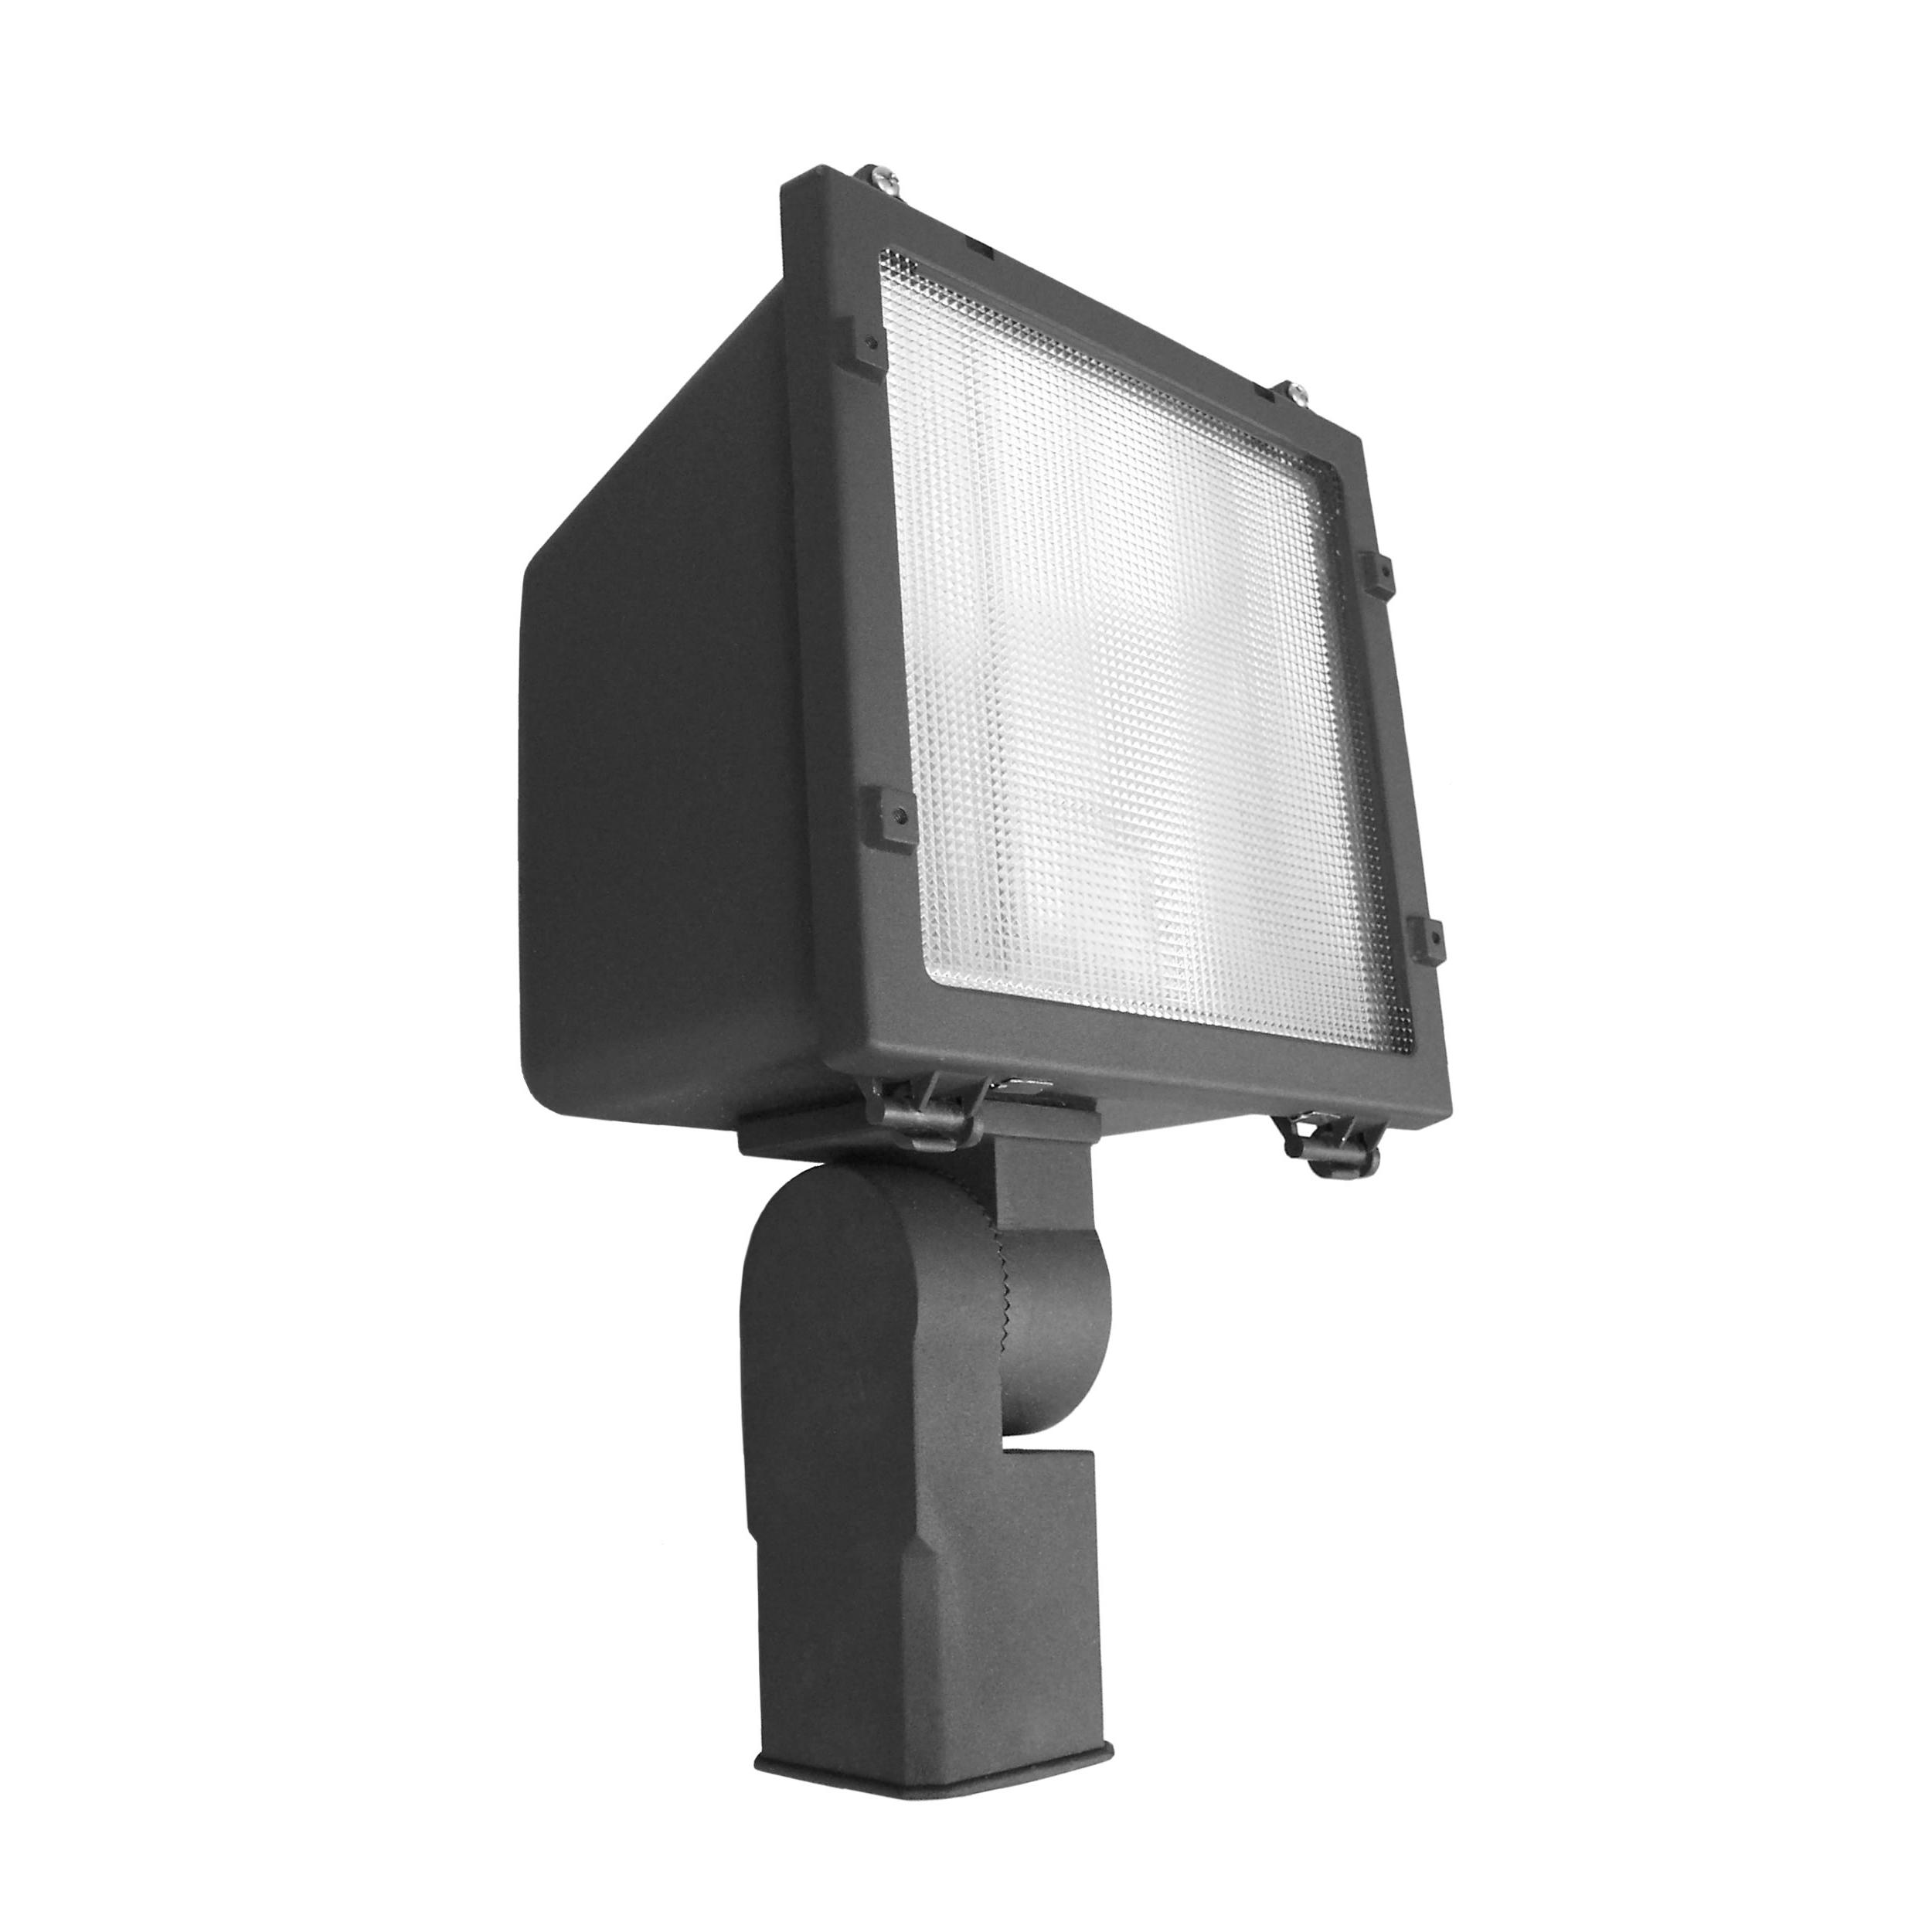 Metal Halide Bulb In Hps Fixture: 20 Years Of 250 Watt Hps Floodlight Fixture S50 4-Tap